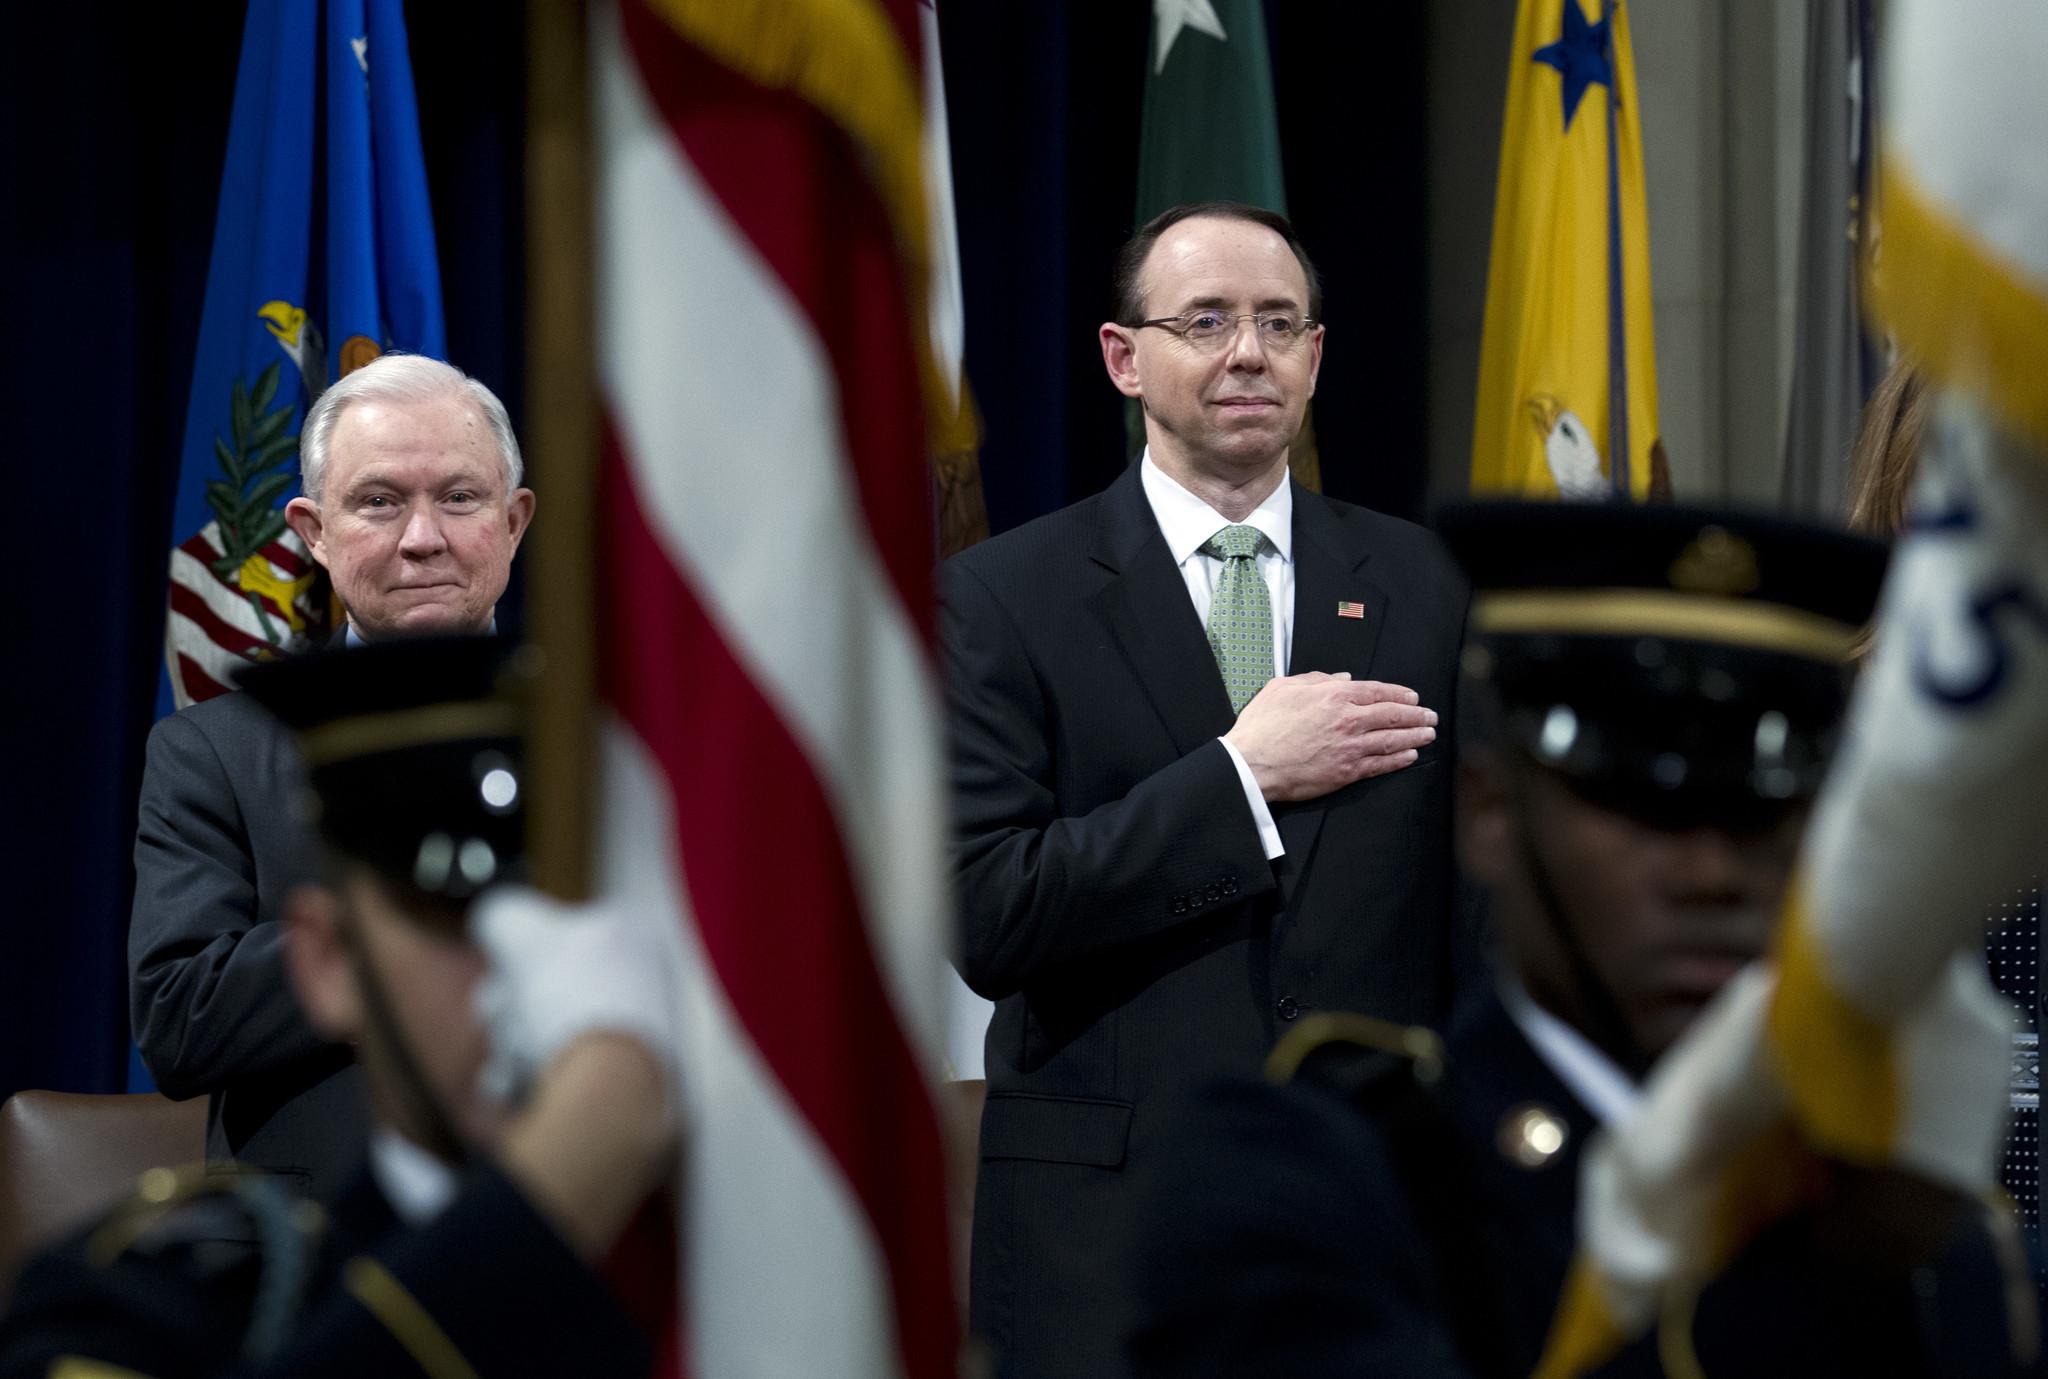 Deputy AG Rosenstein under increasing pressure as Trump ...